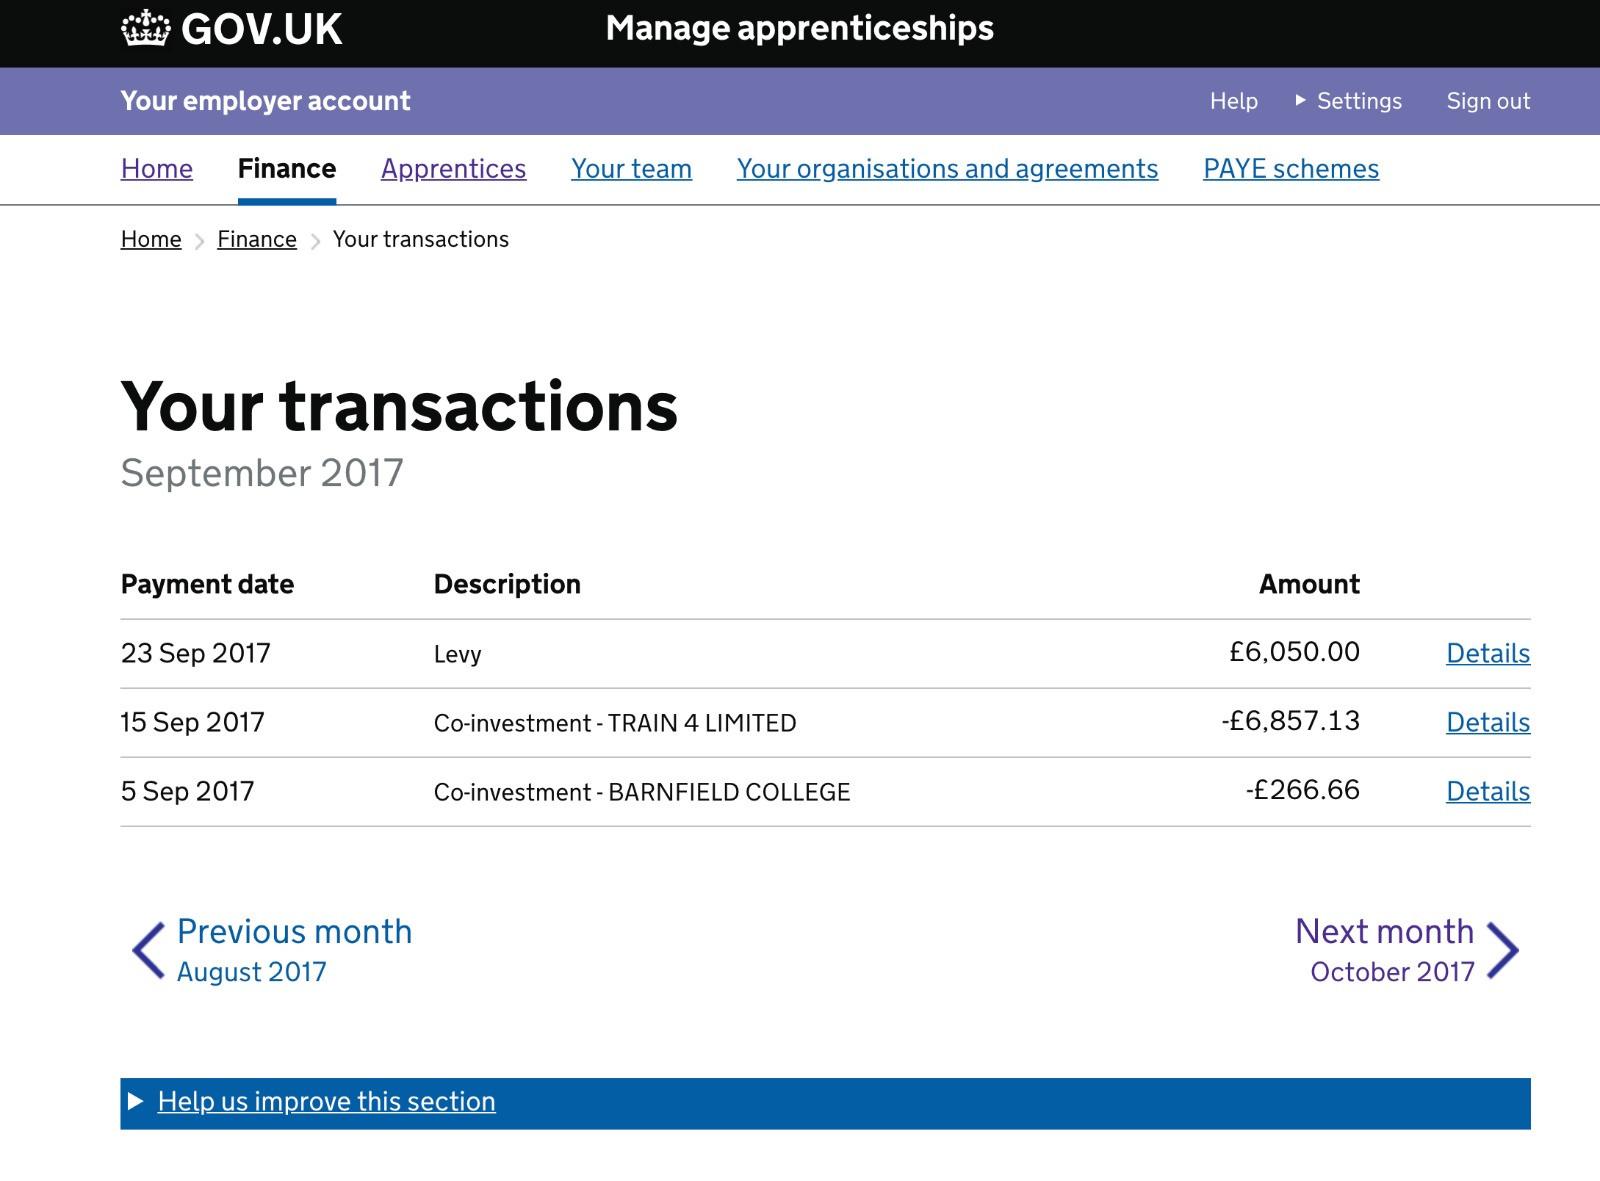 Manage Apprenticeship Service Transactio